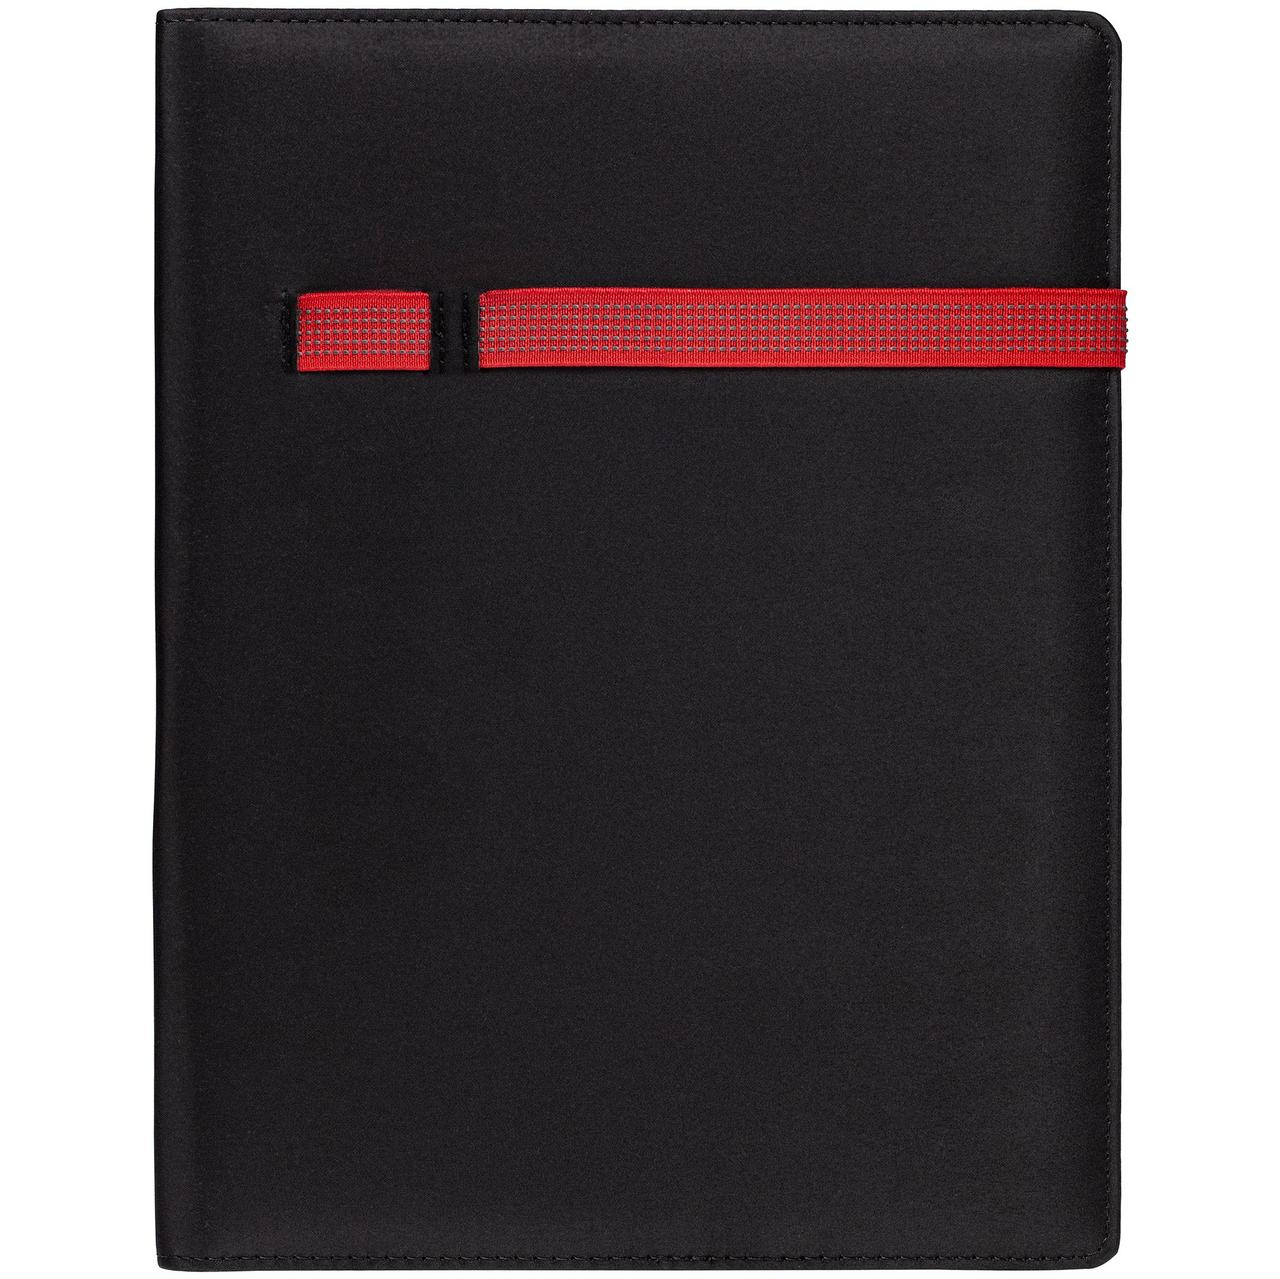 Папка Torga, черная с красным